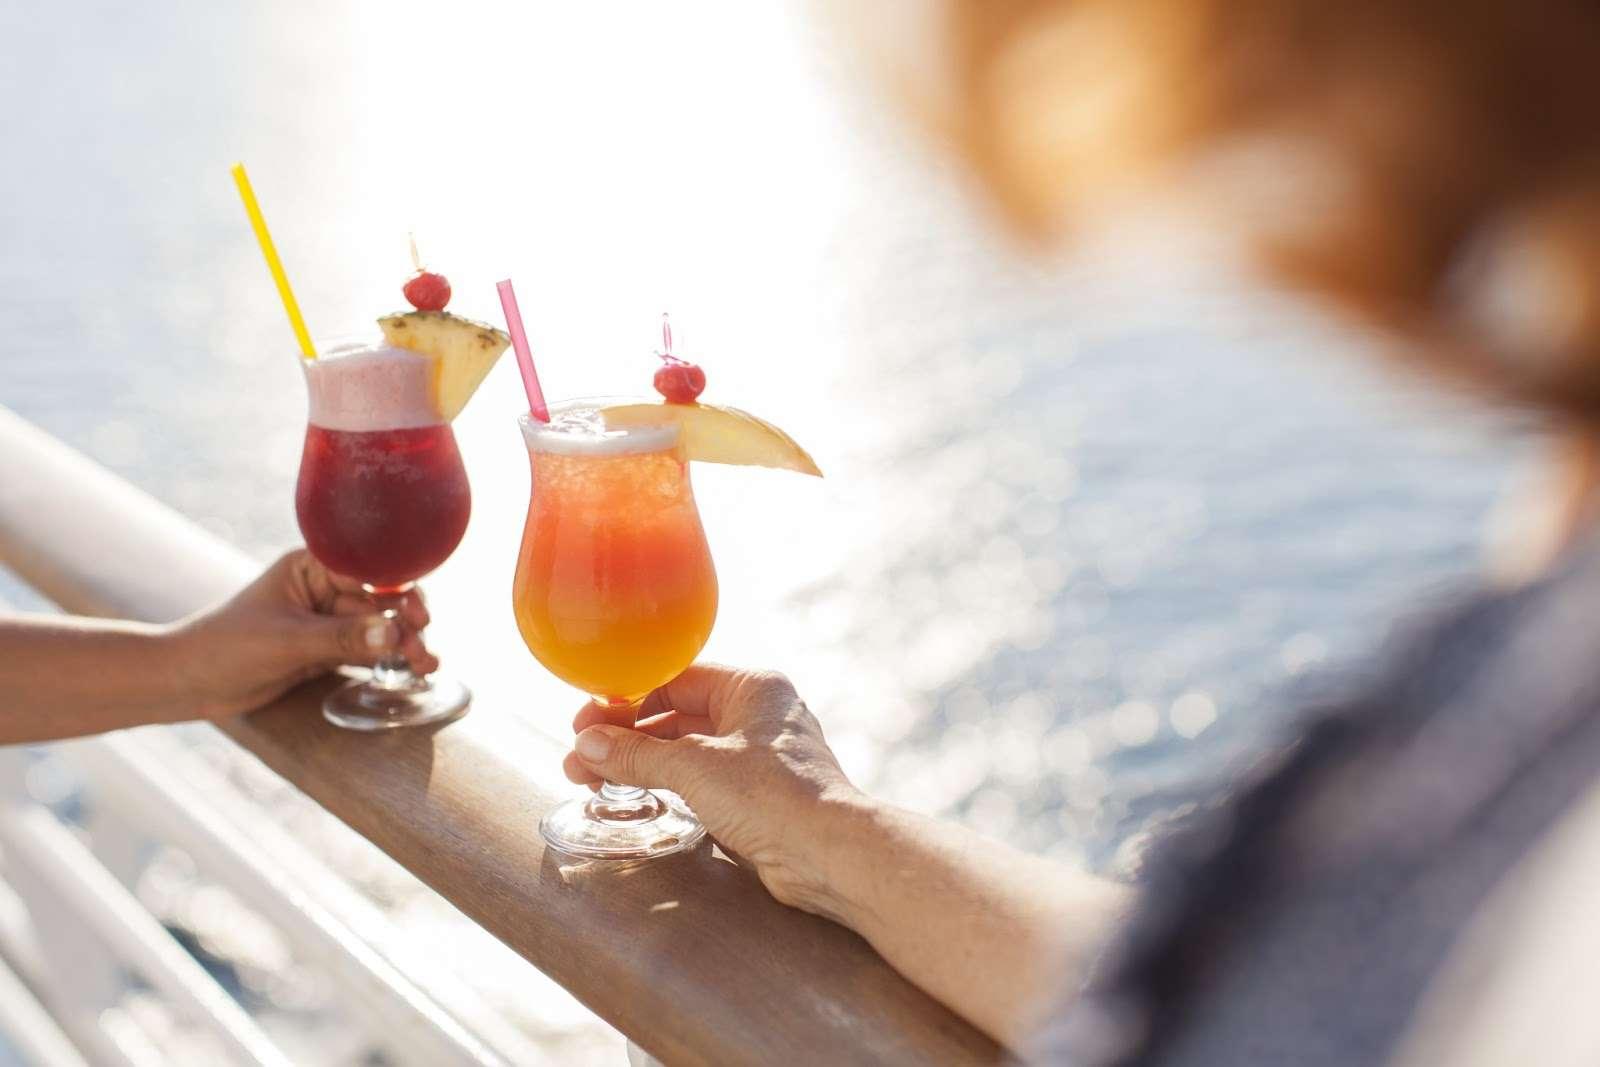 AIDA Cruises bietet jetzt auch neue Getränkepakete – Lieblingsdrinks ...